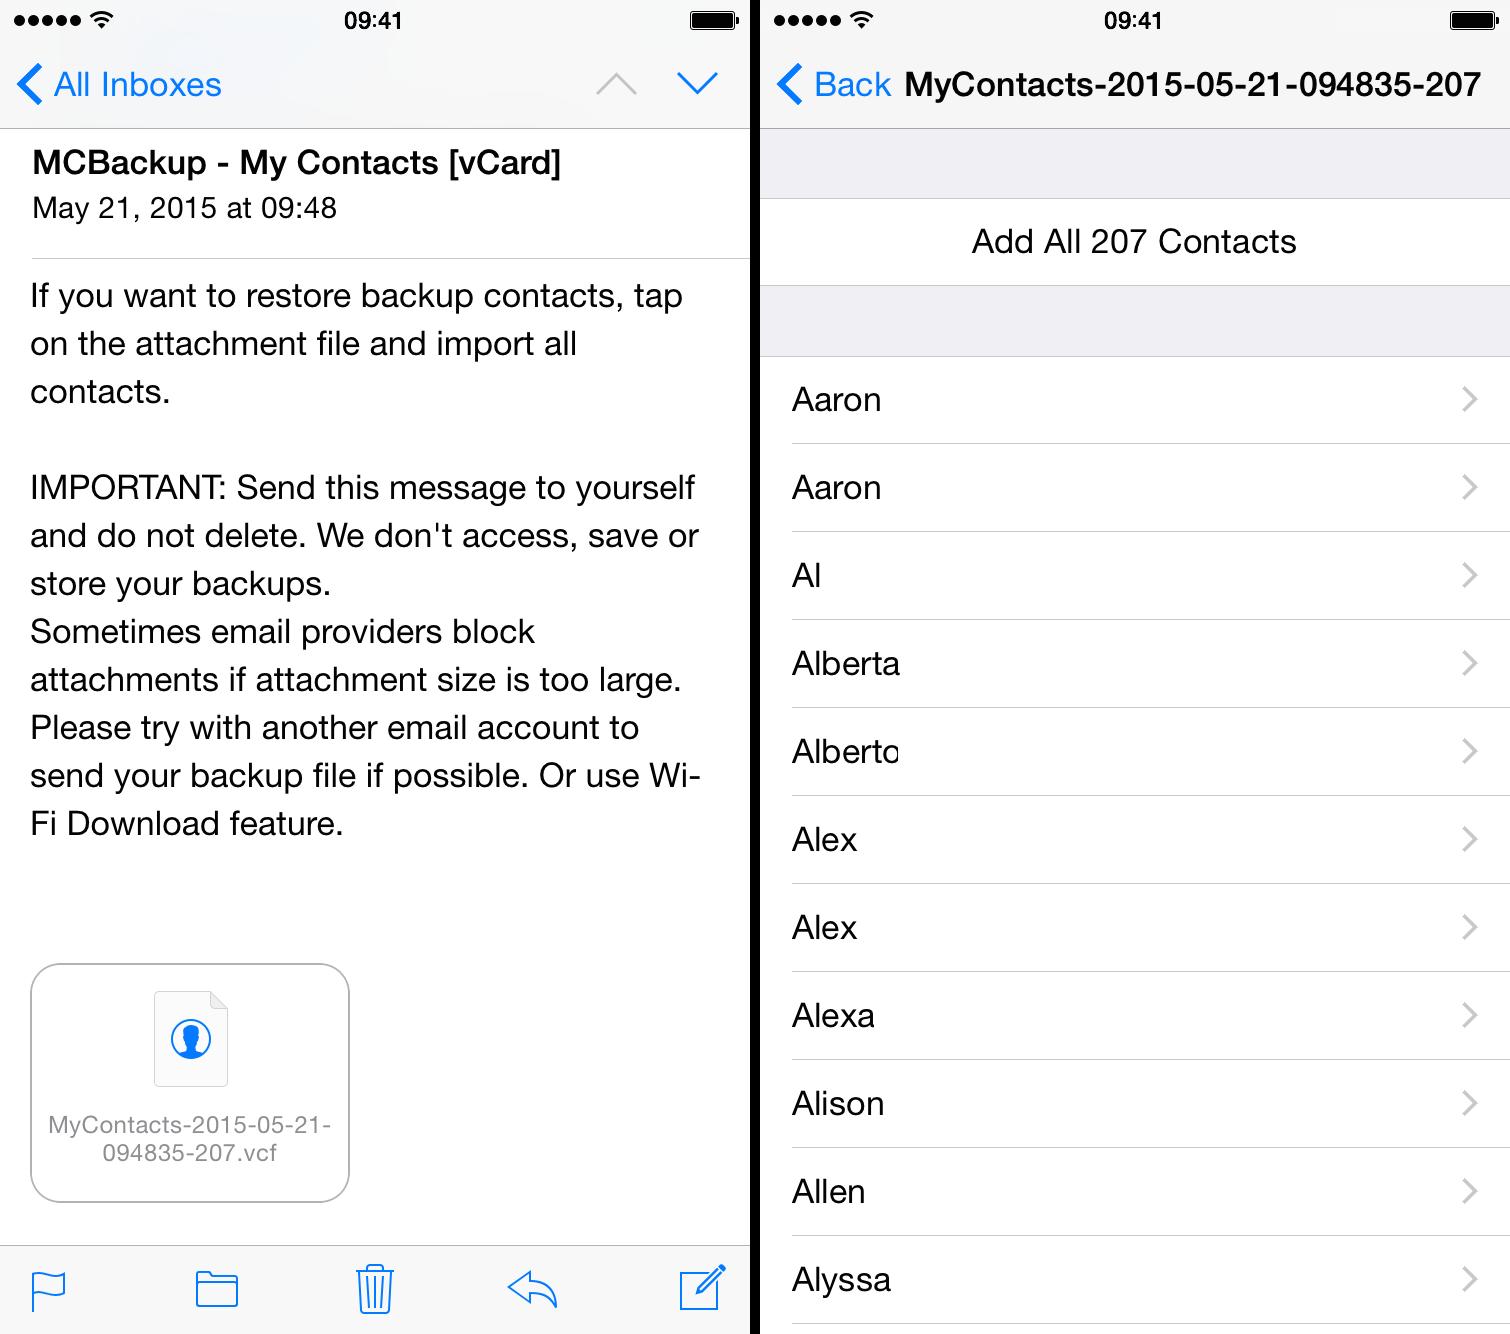 Restaurar los contactos de la copia de seguridad